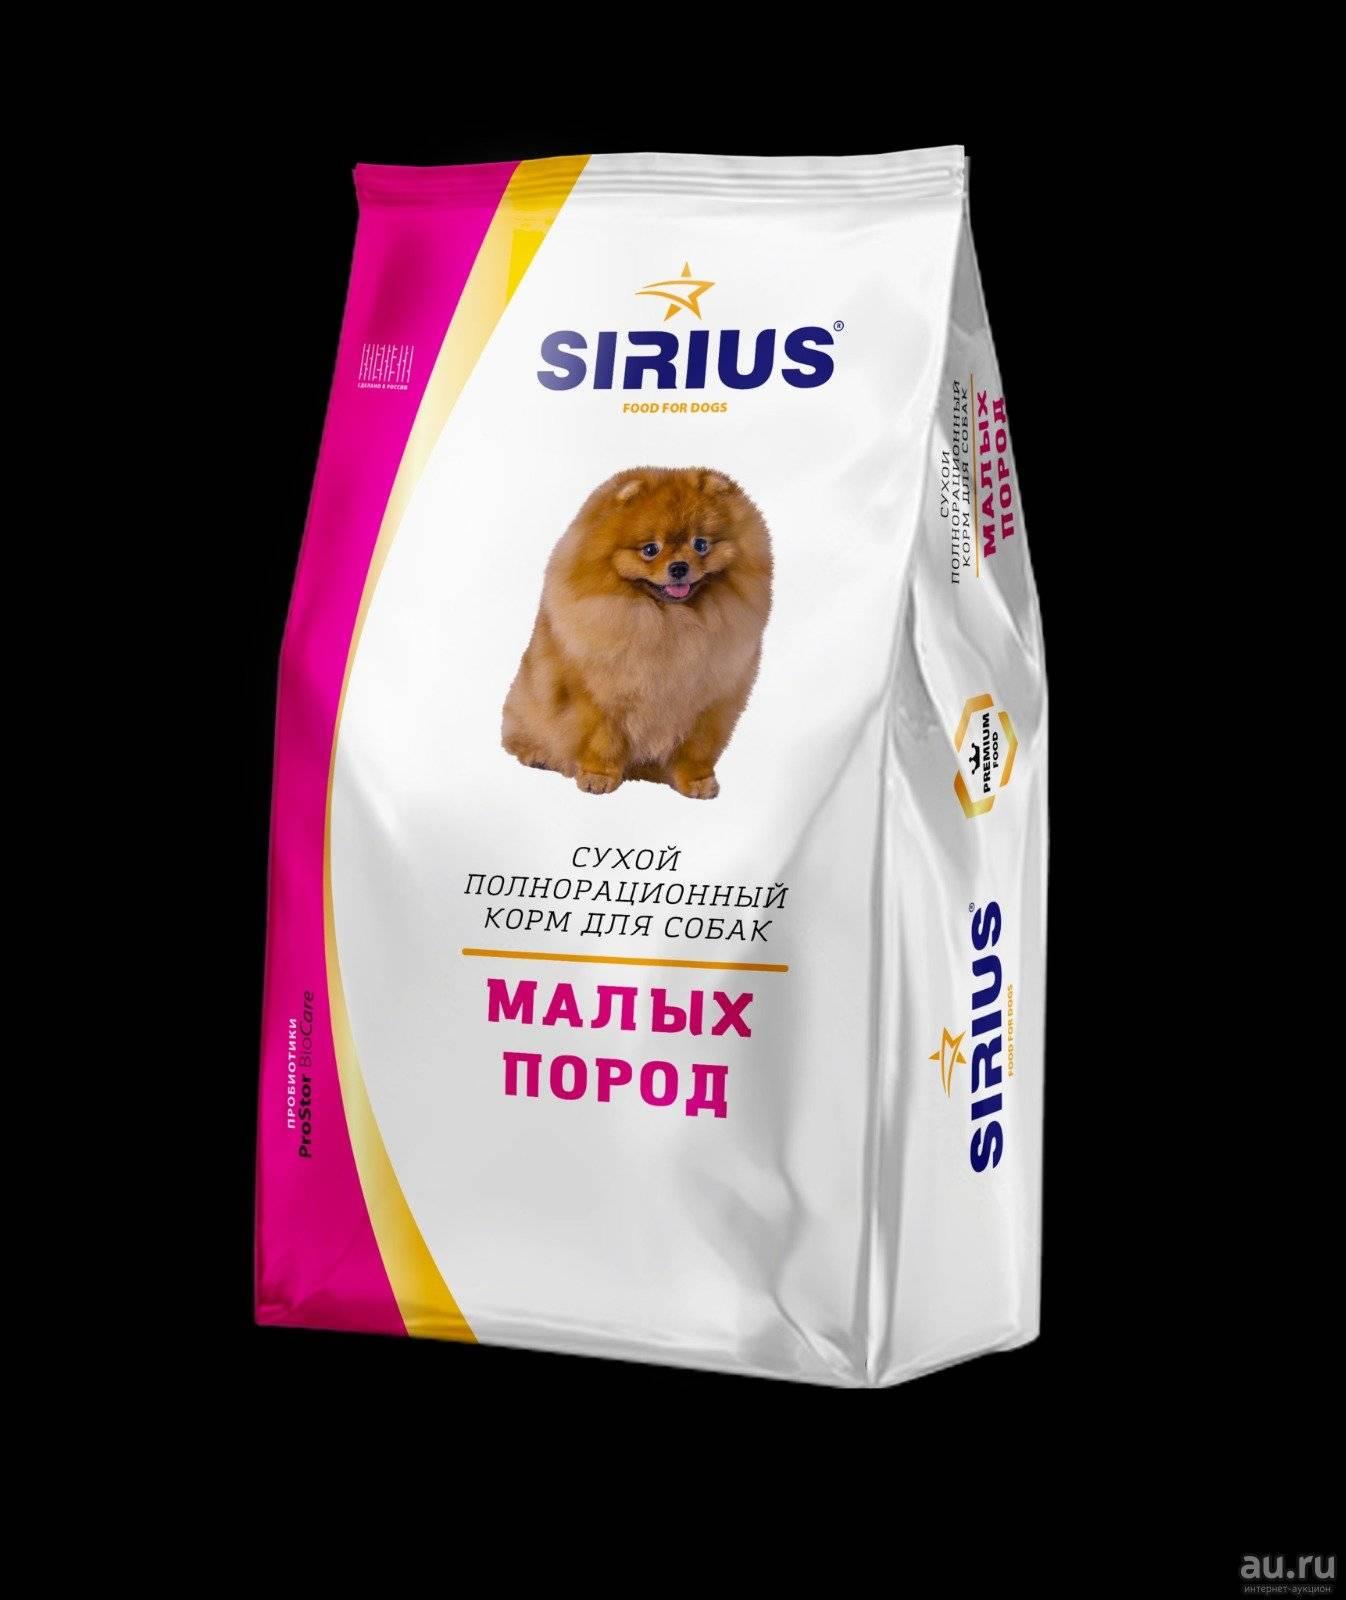 Корм для собак sirius platinum: отзывы и разбор состава - kotiko.ru